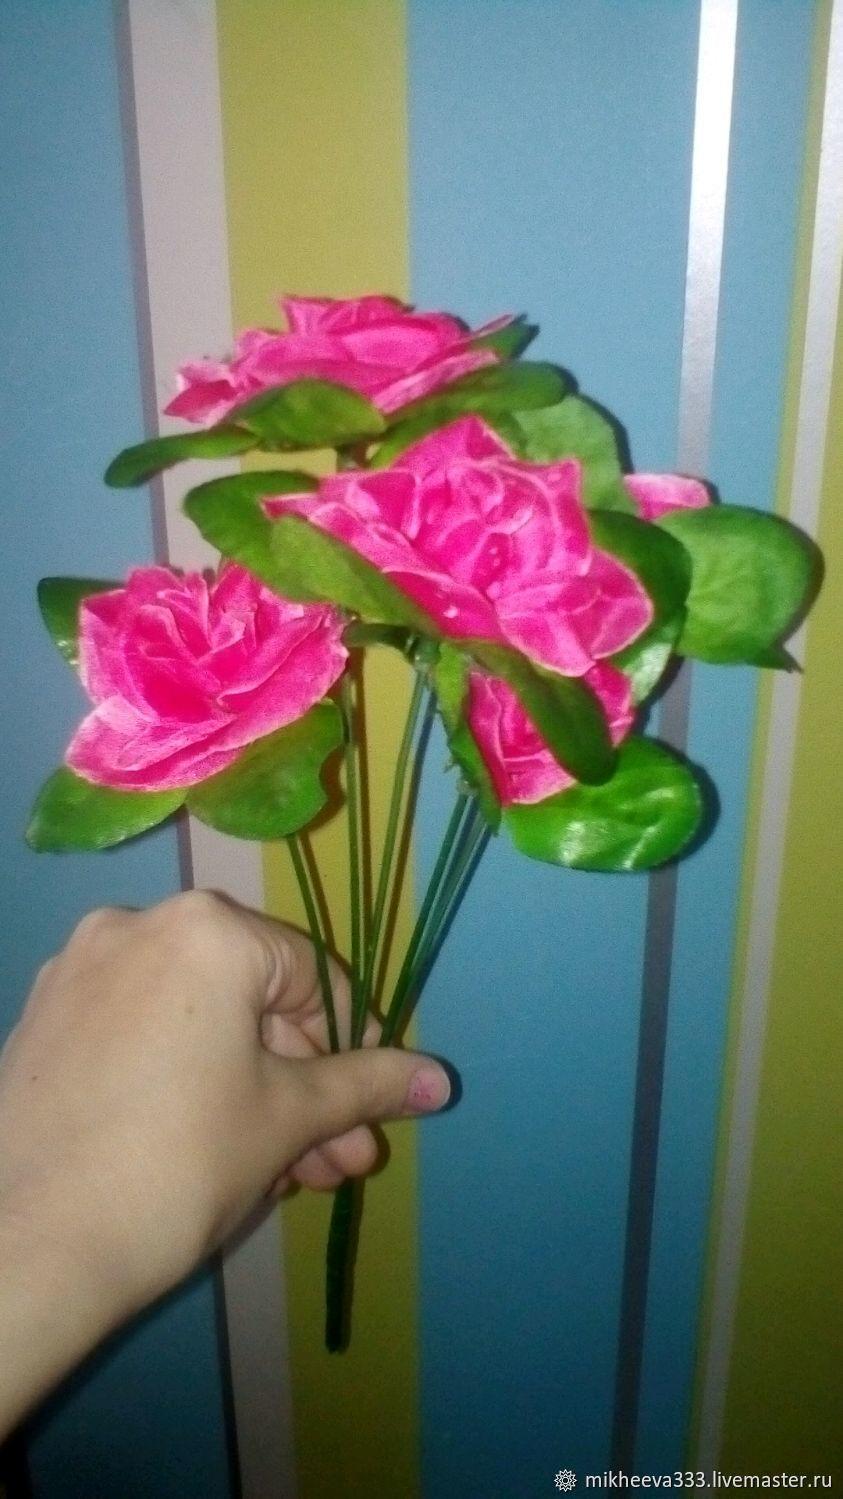 Цветы 30 см розы с розеткой искусственные, Цветы, Москва, Фото №1